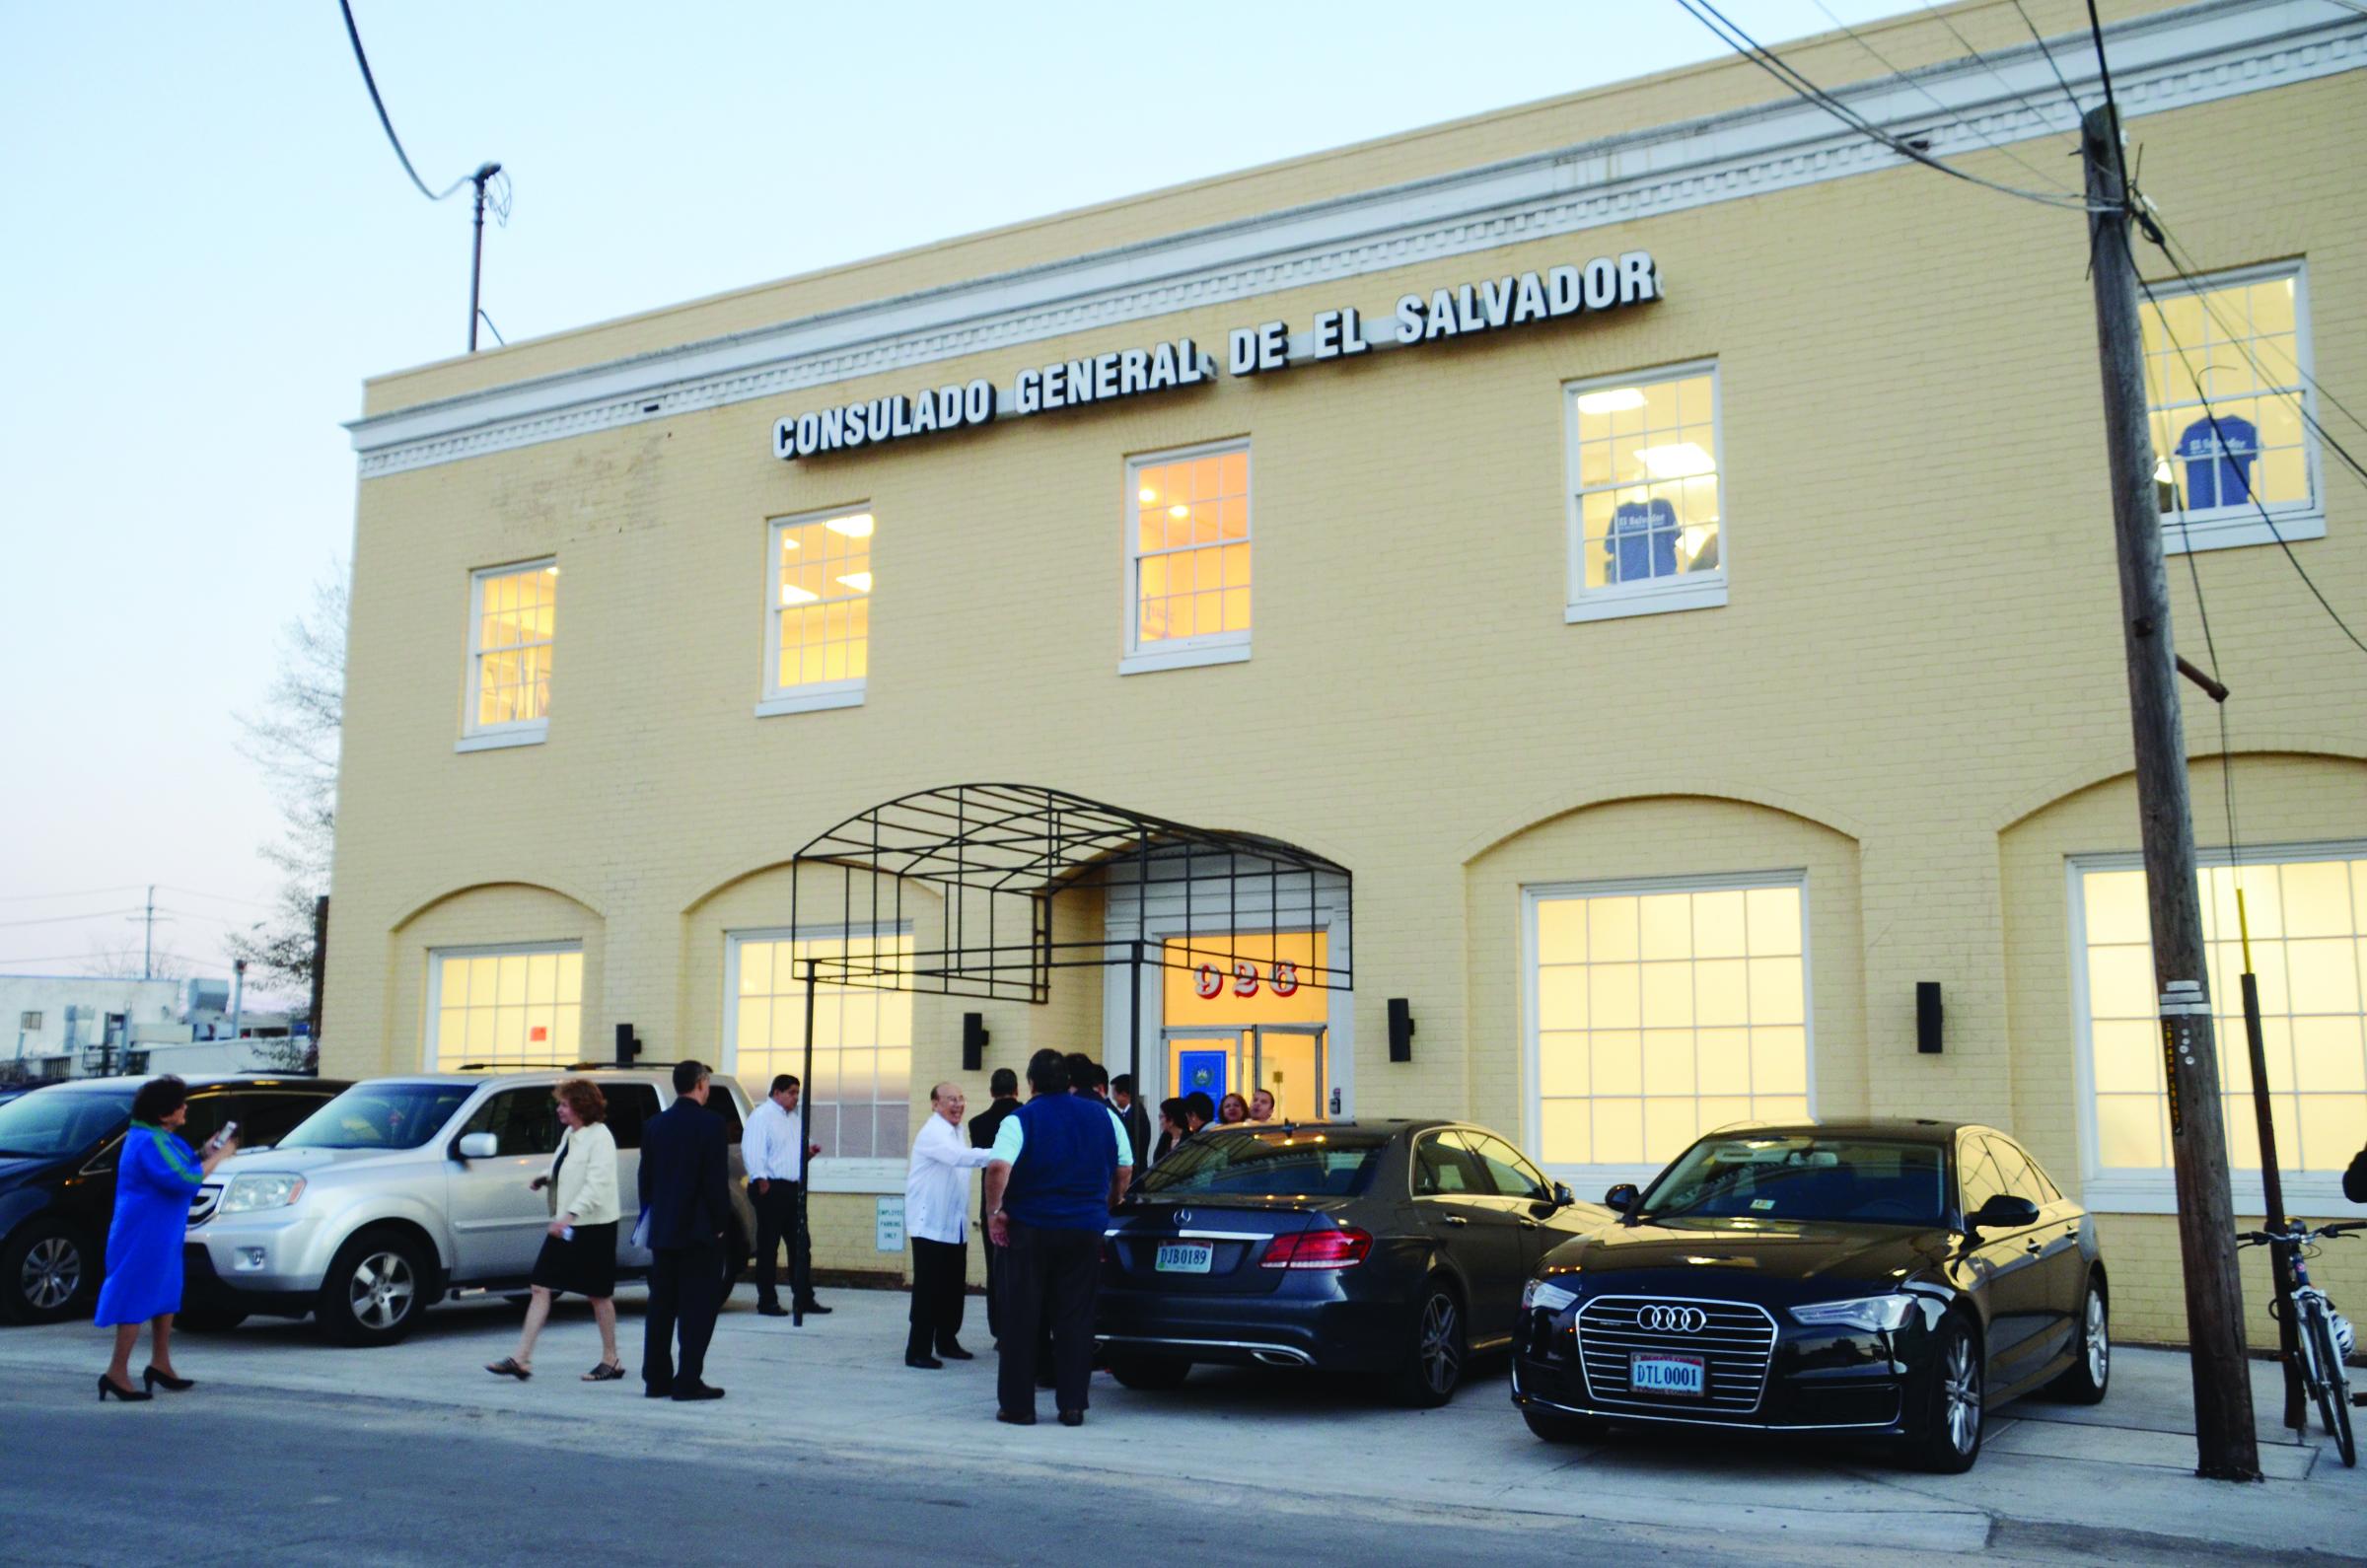 Reabren consulados de  El Salvador en el DMV